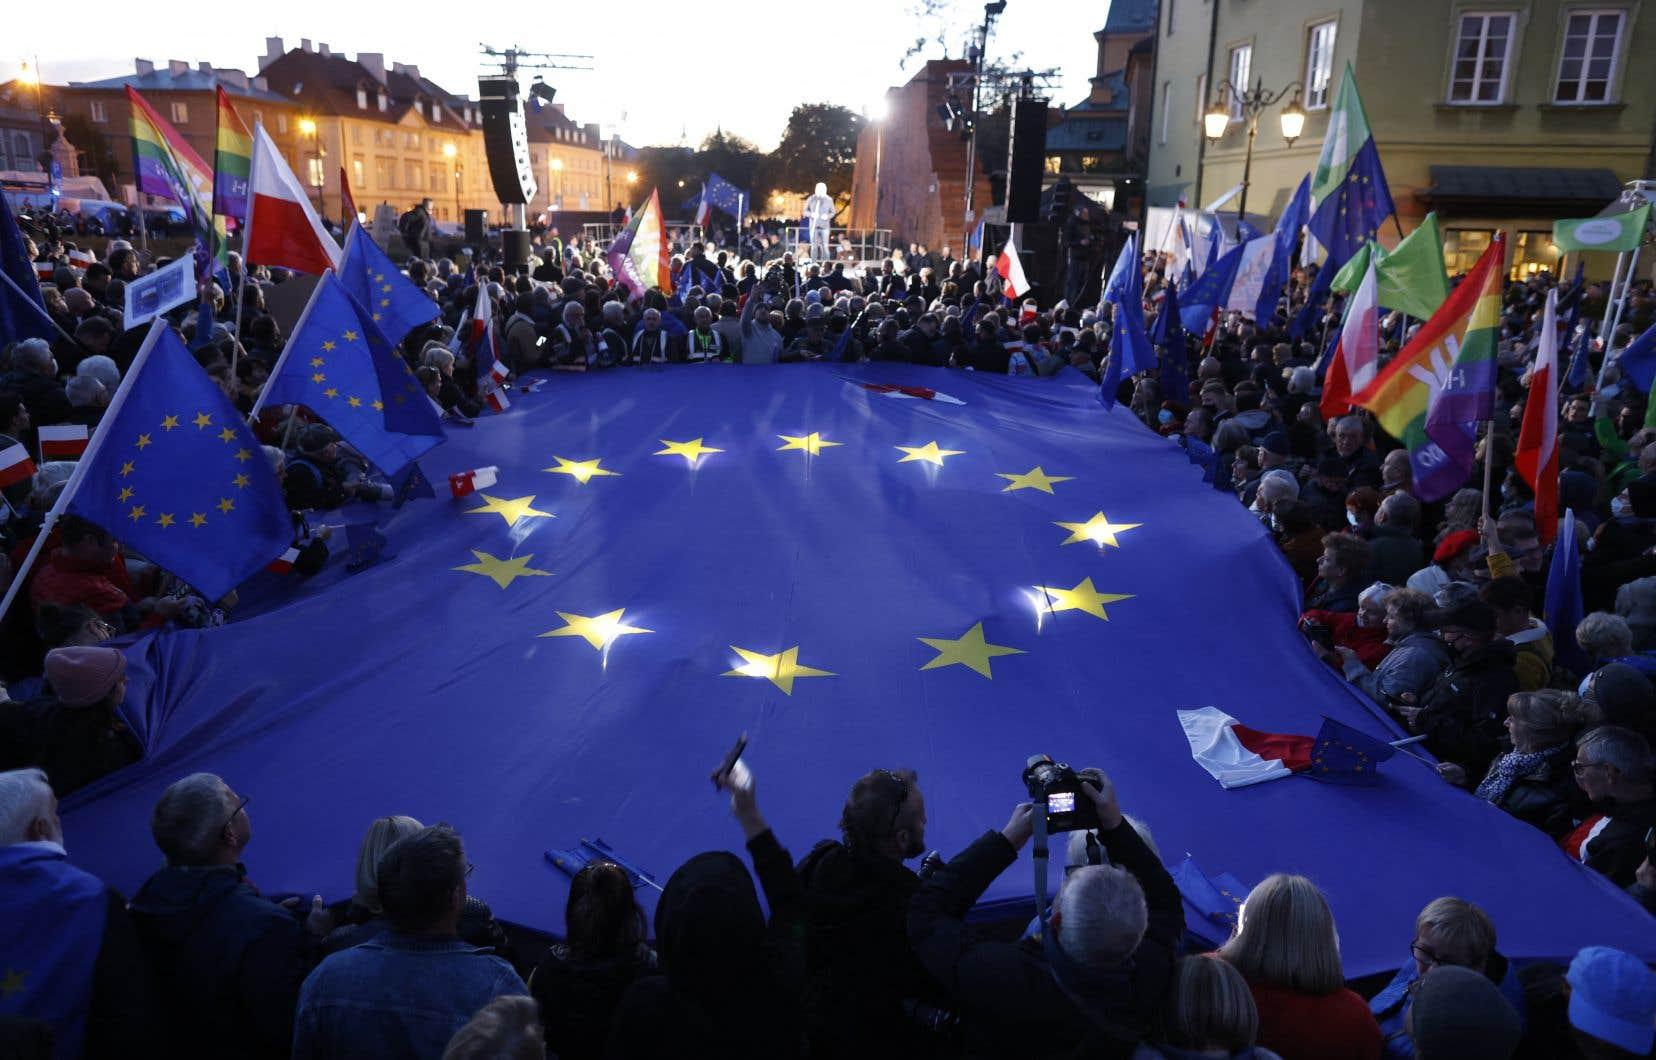 La Pologne a réclamé l'annulation pure et simple du nouveau dispositif. Sur la photo, on voit des dizaines de milliers de Polonais manifestant dimanche soir pour défendre l'appartenance de leur pays à l'Union européenne, après une décision vendredi de la Cour constitutionnelle polonaise contestant la primauté du droit européen.